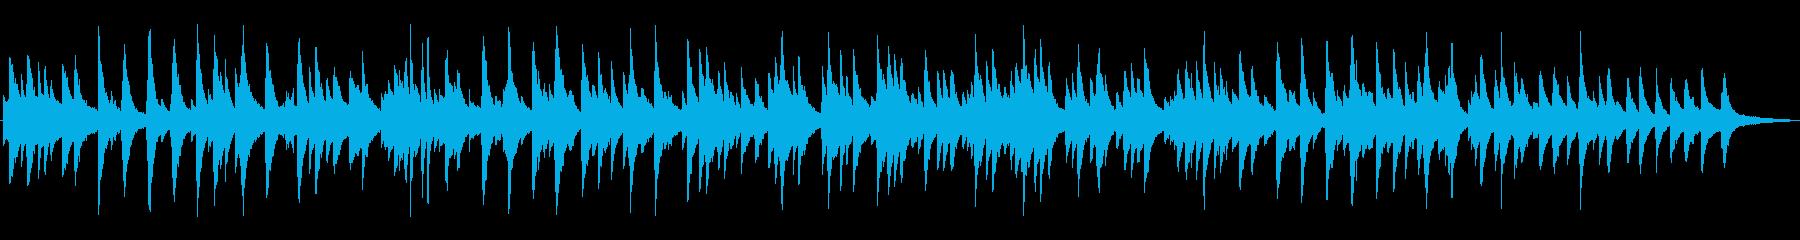 シックなジャズ風ラウンジピアノソロの再生済みの波形